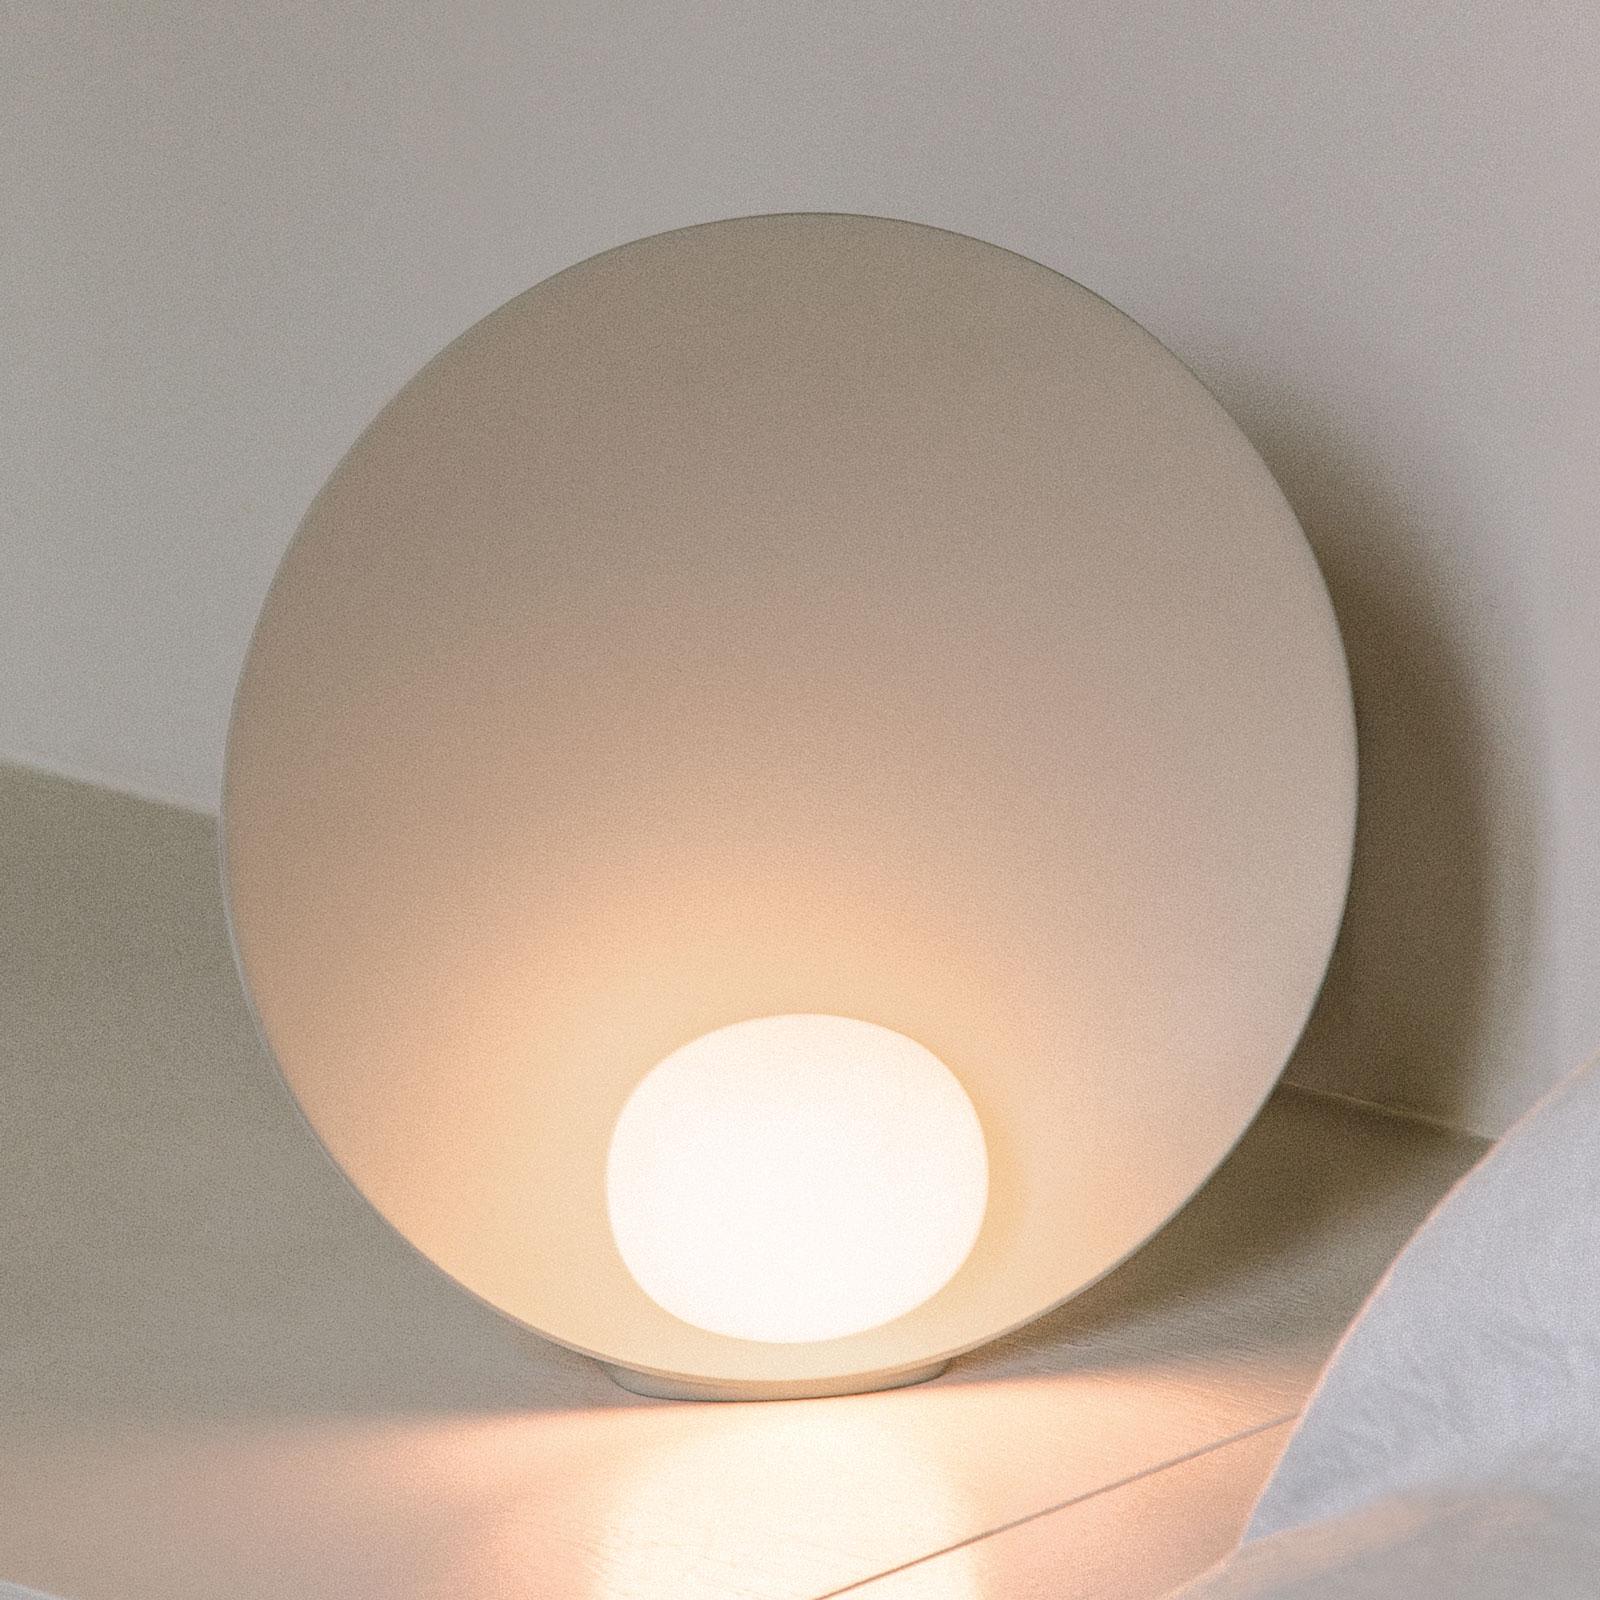 Vibia Musa 7400 LED-pöytälamppu pysty, kyyhky